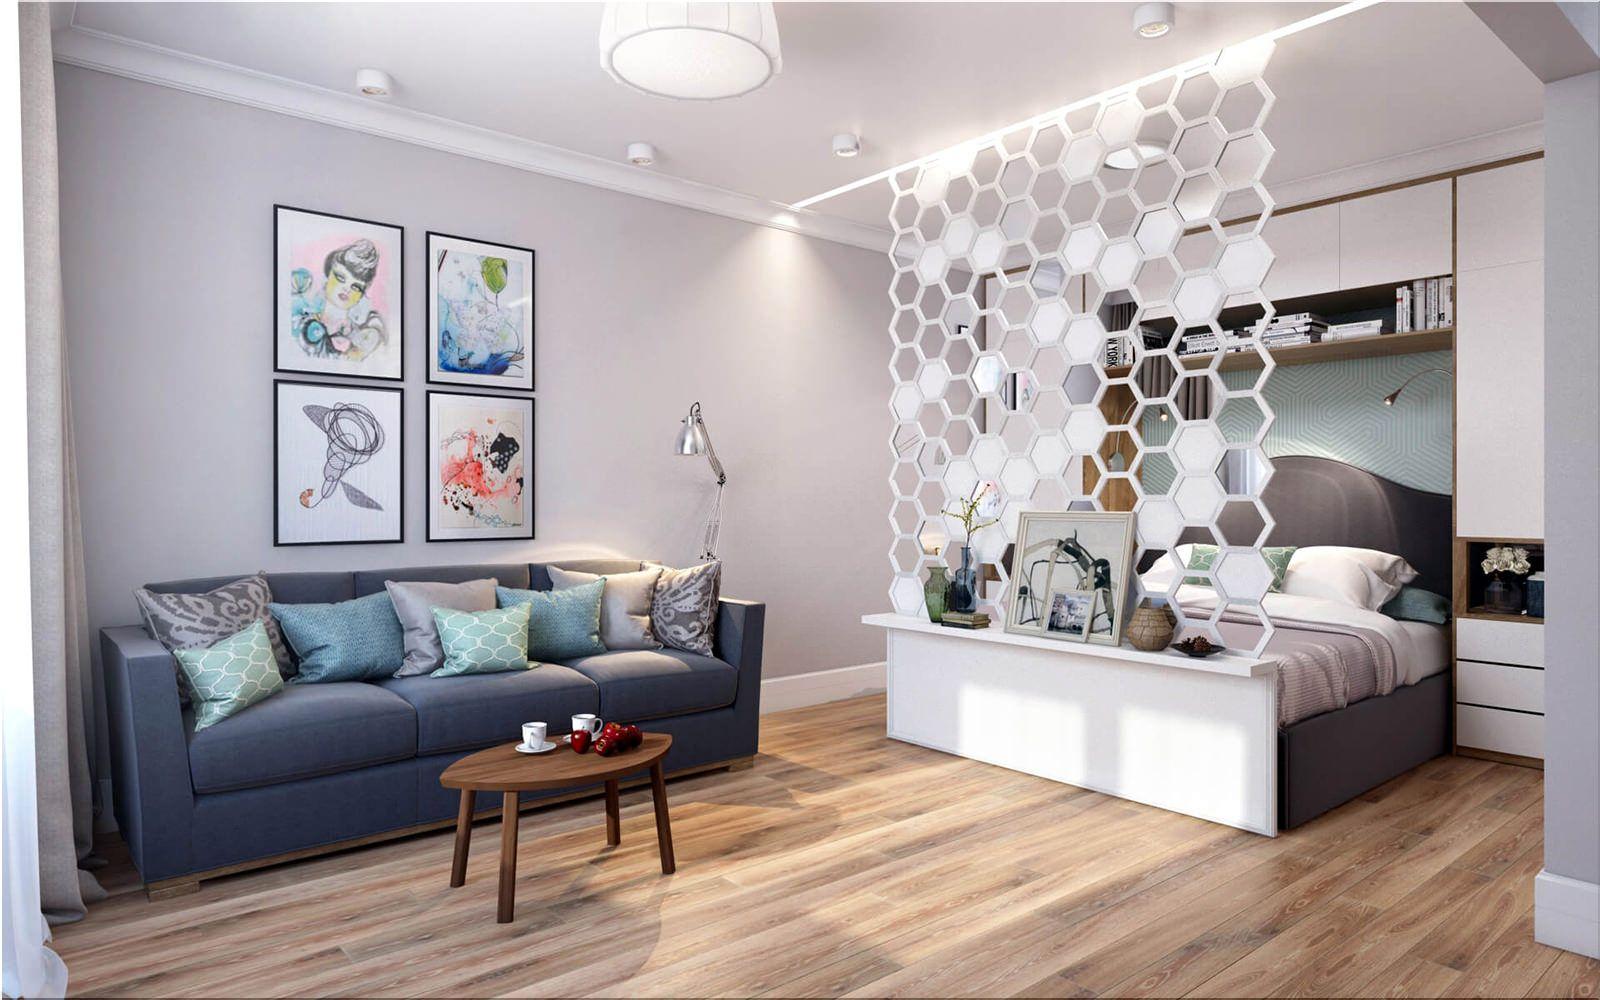 Правильное зонирование однокомнатной квартиры – Идеи Интерьера 2019